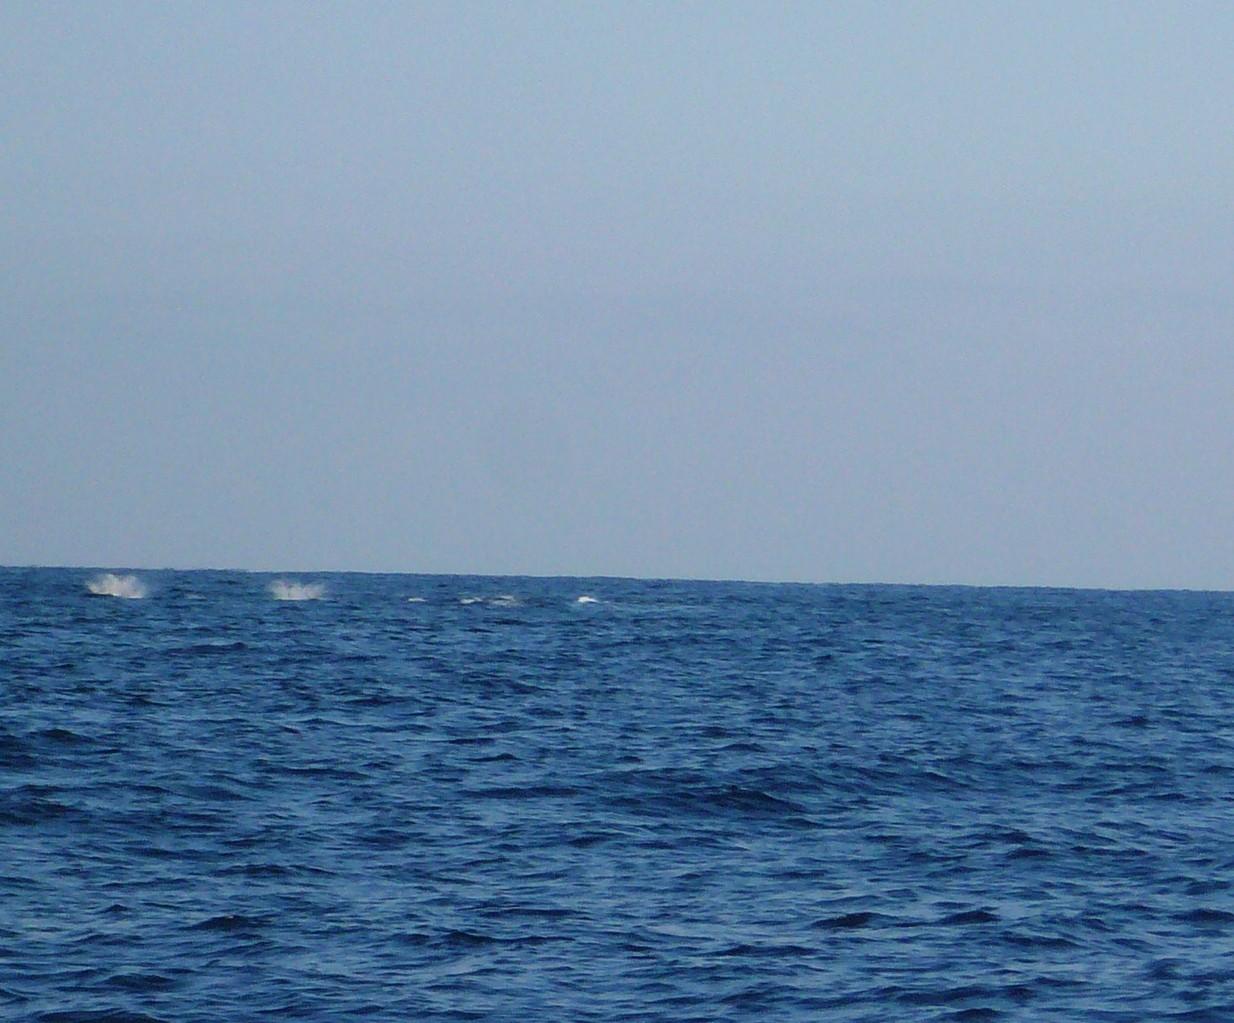 3月12日 最悪です イルカの大群 魚の群れが散らばり釣れなくなり大変です